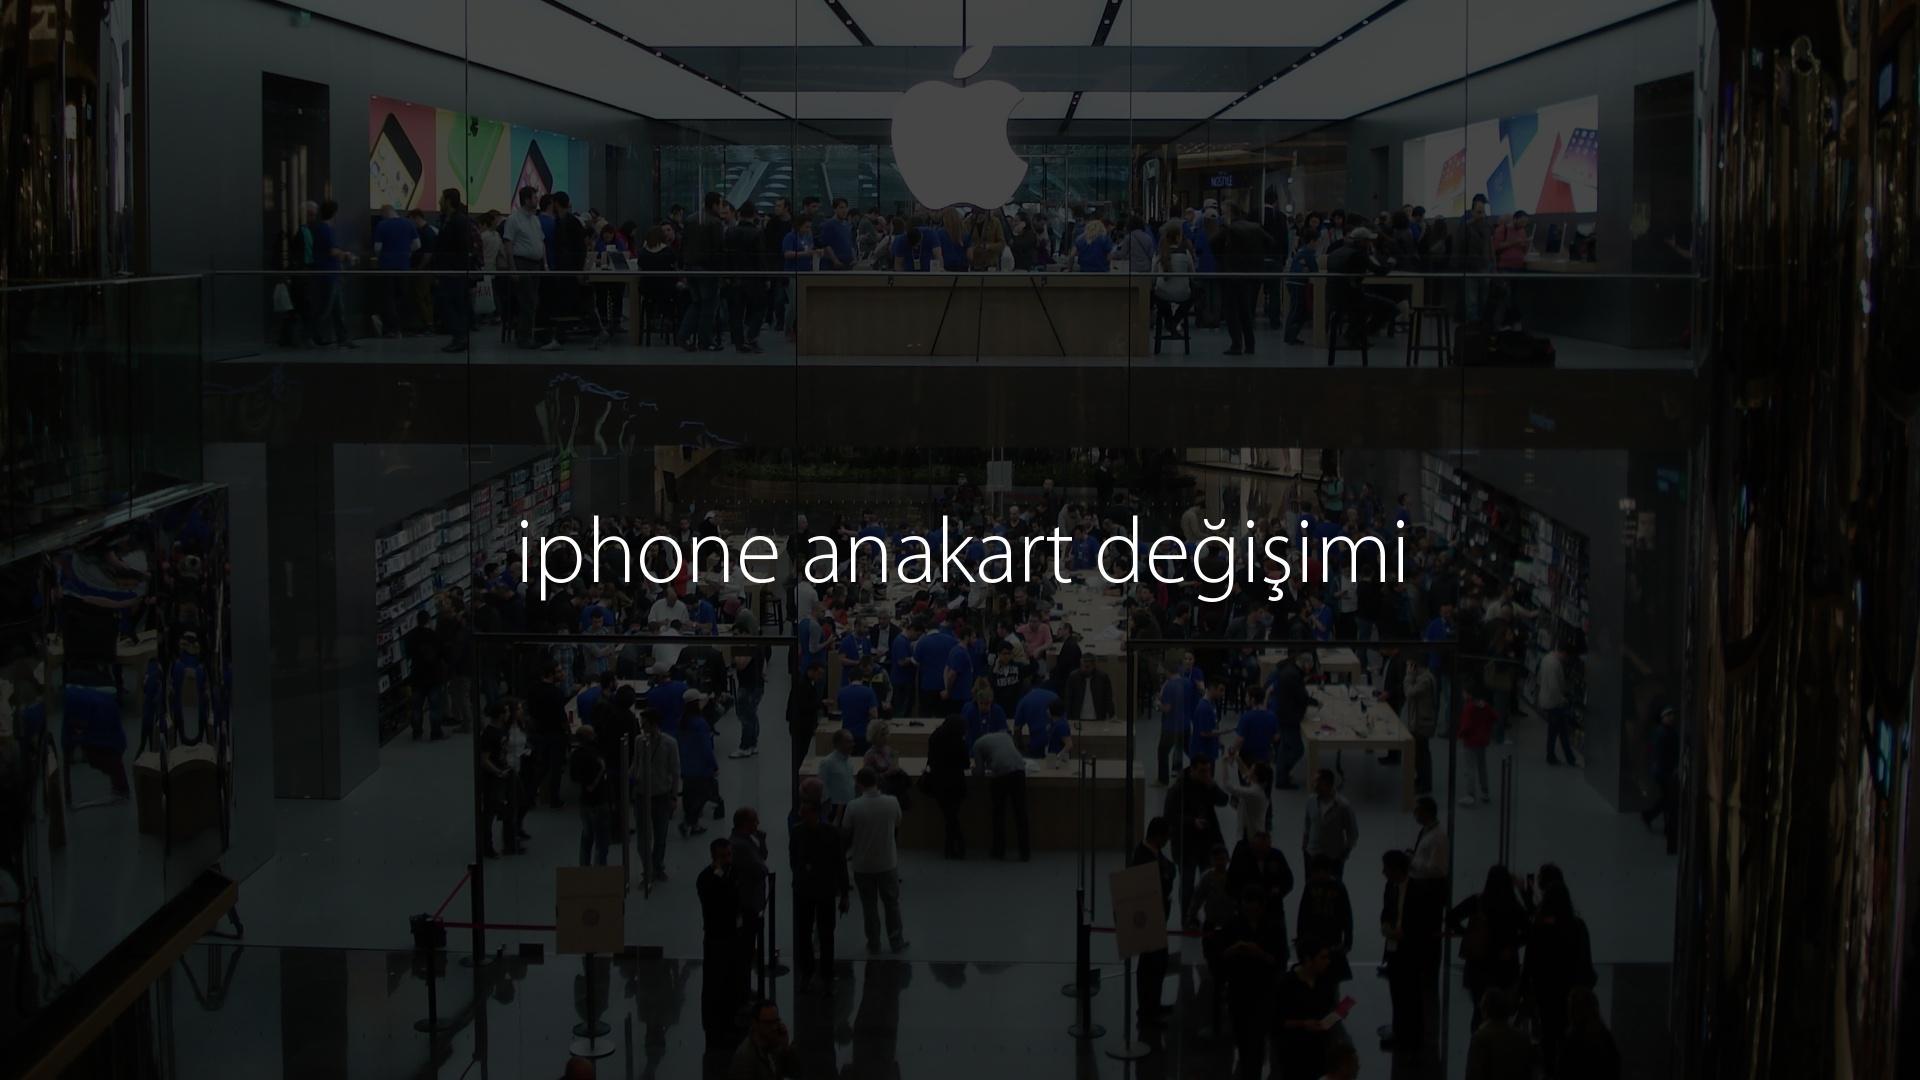 iphone anakart değişimi